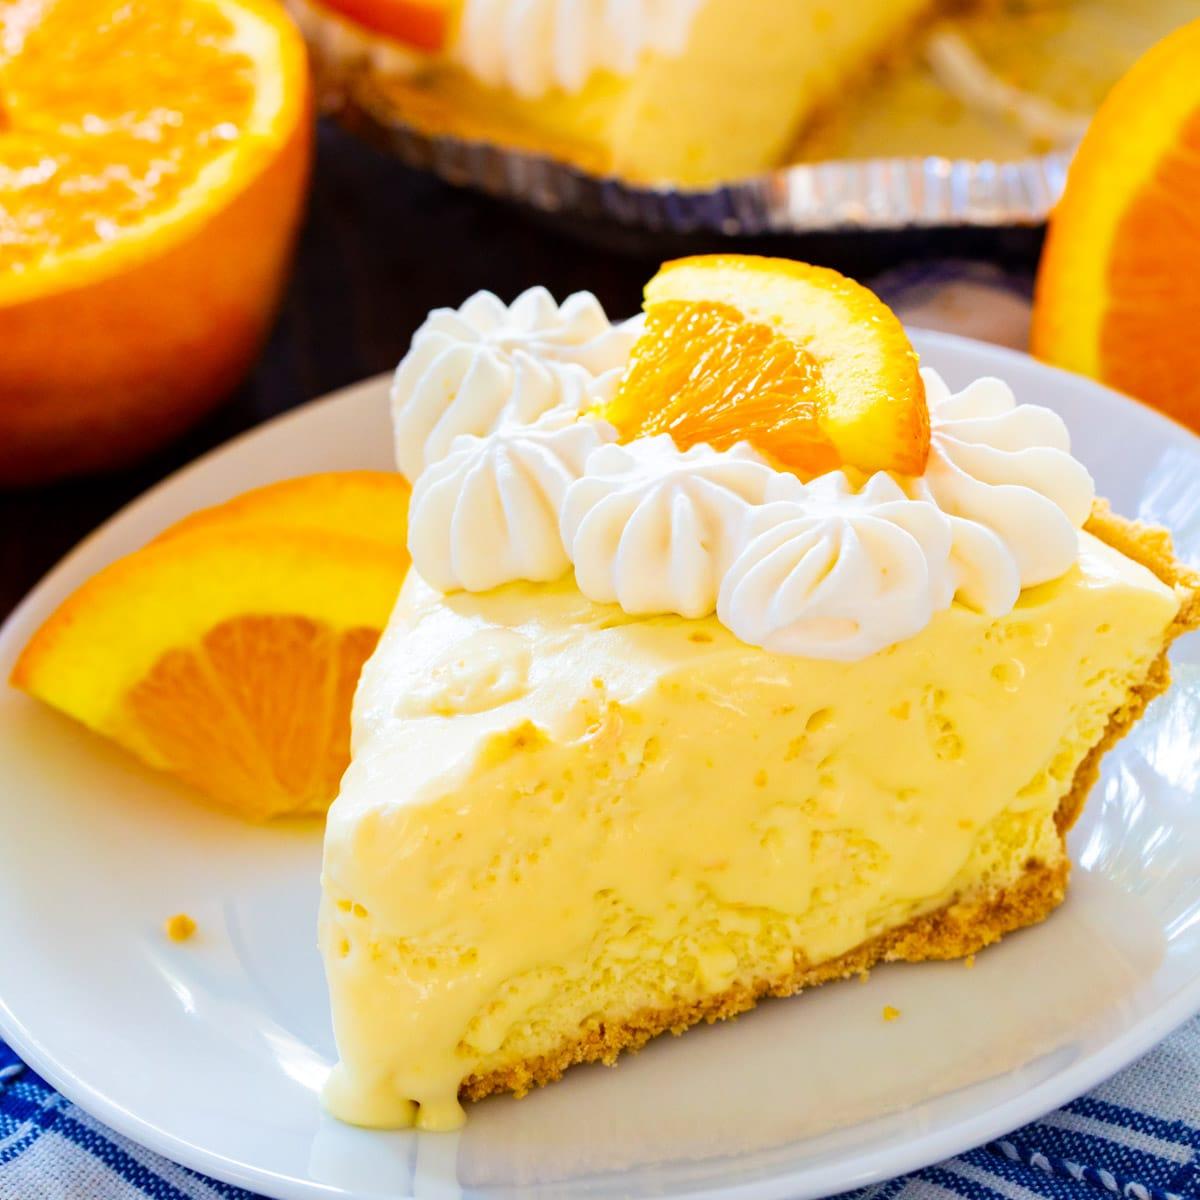 Slice of Orange Creamsicle Pie